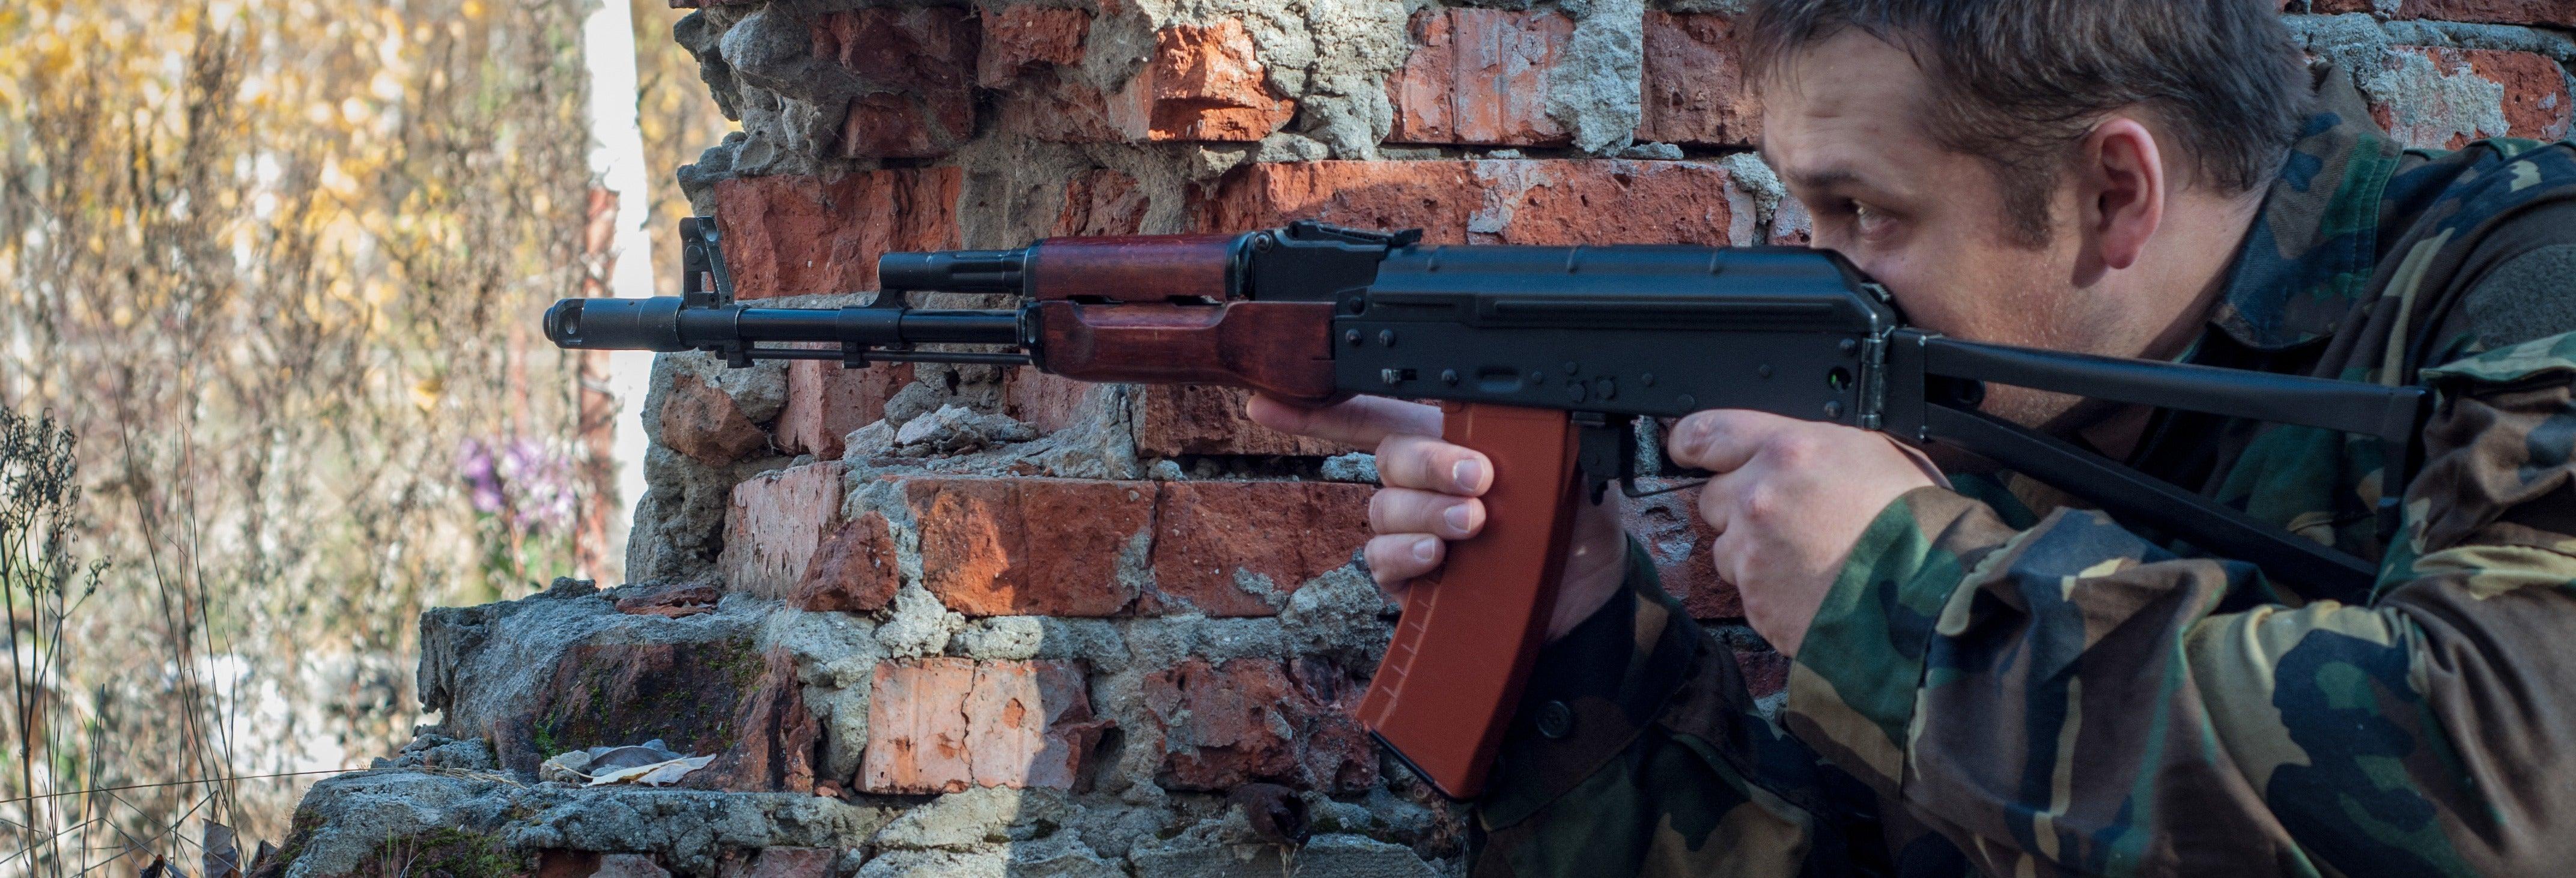 Prática de tiro com Kalashnikov